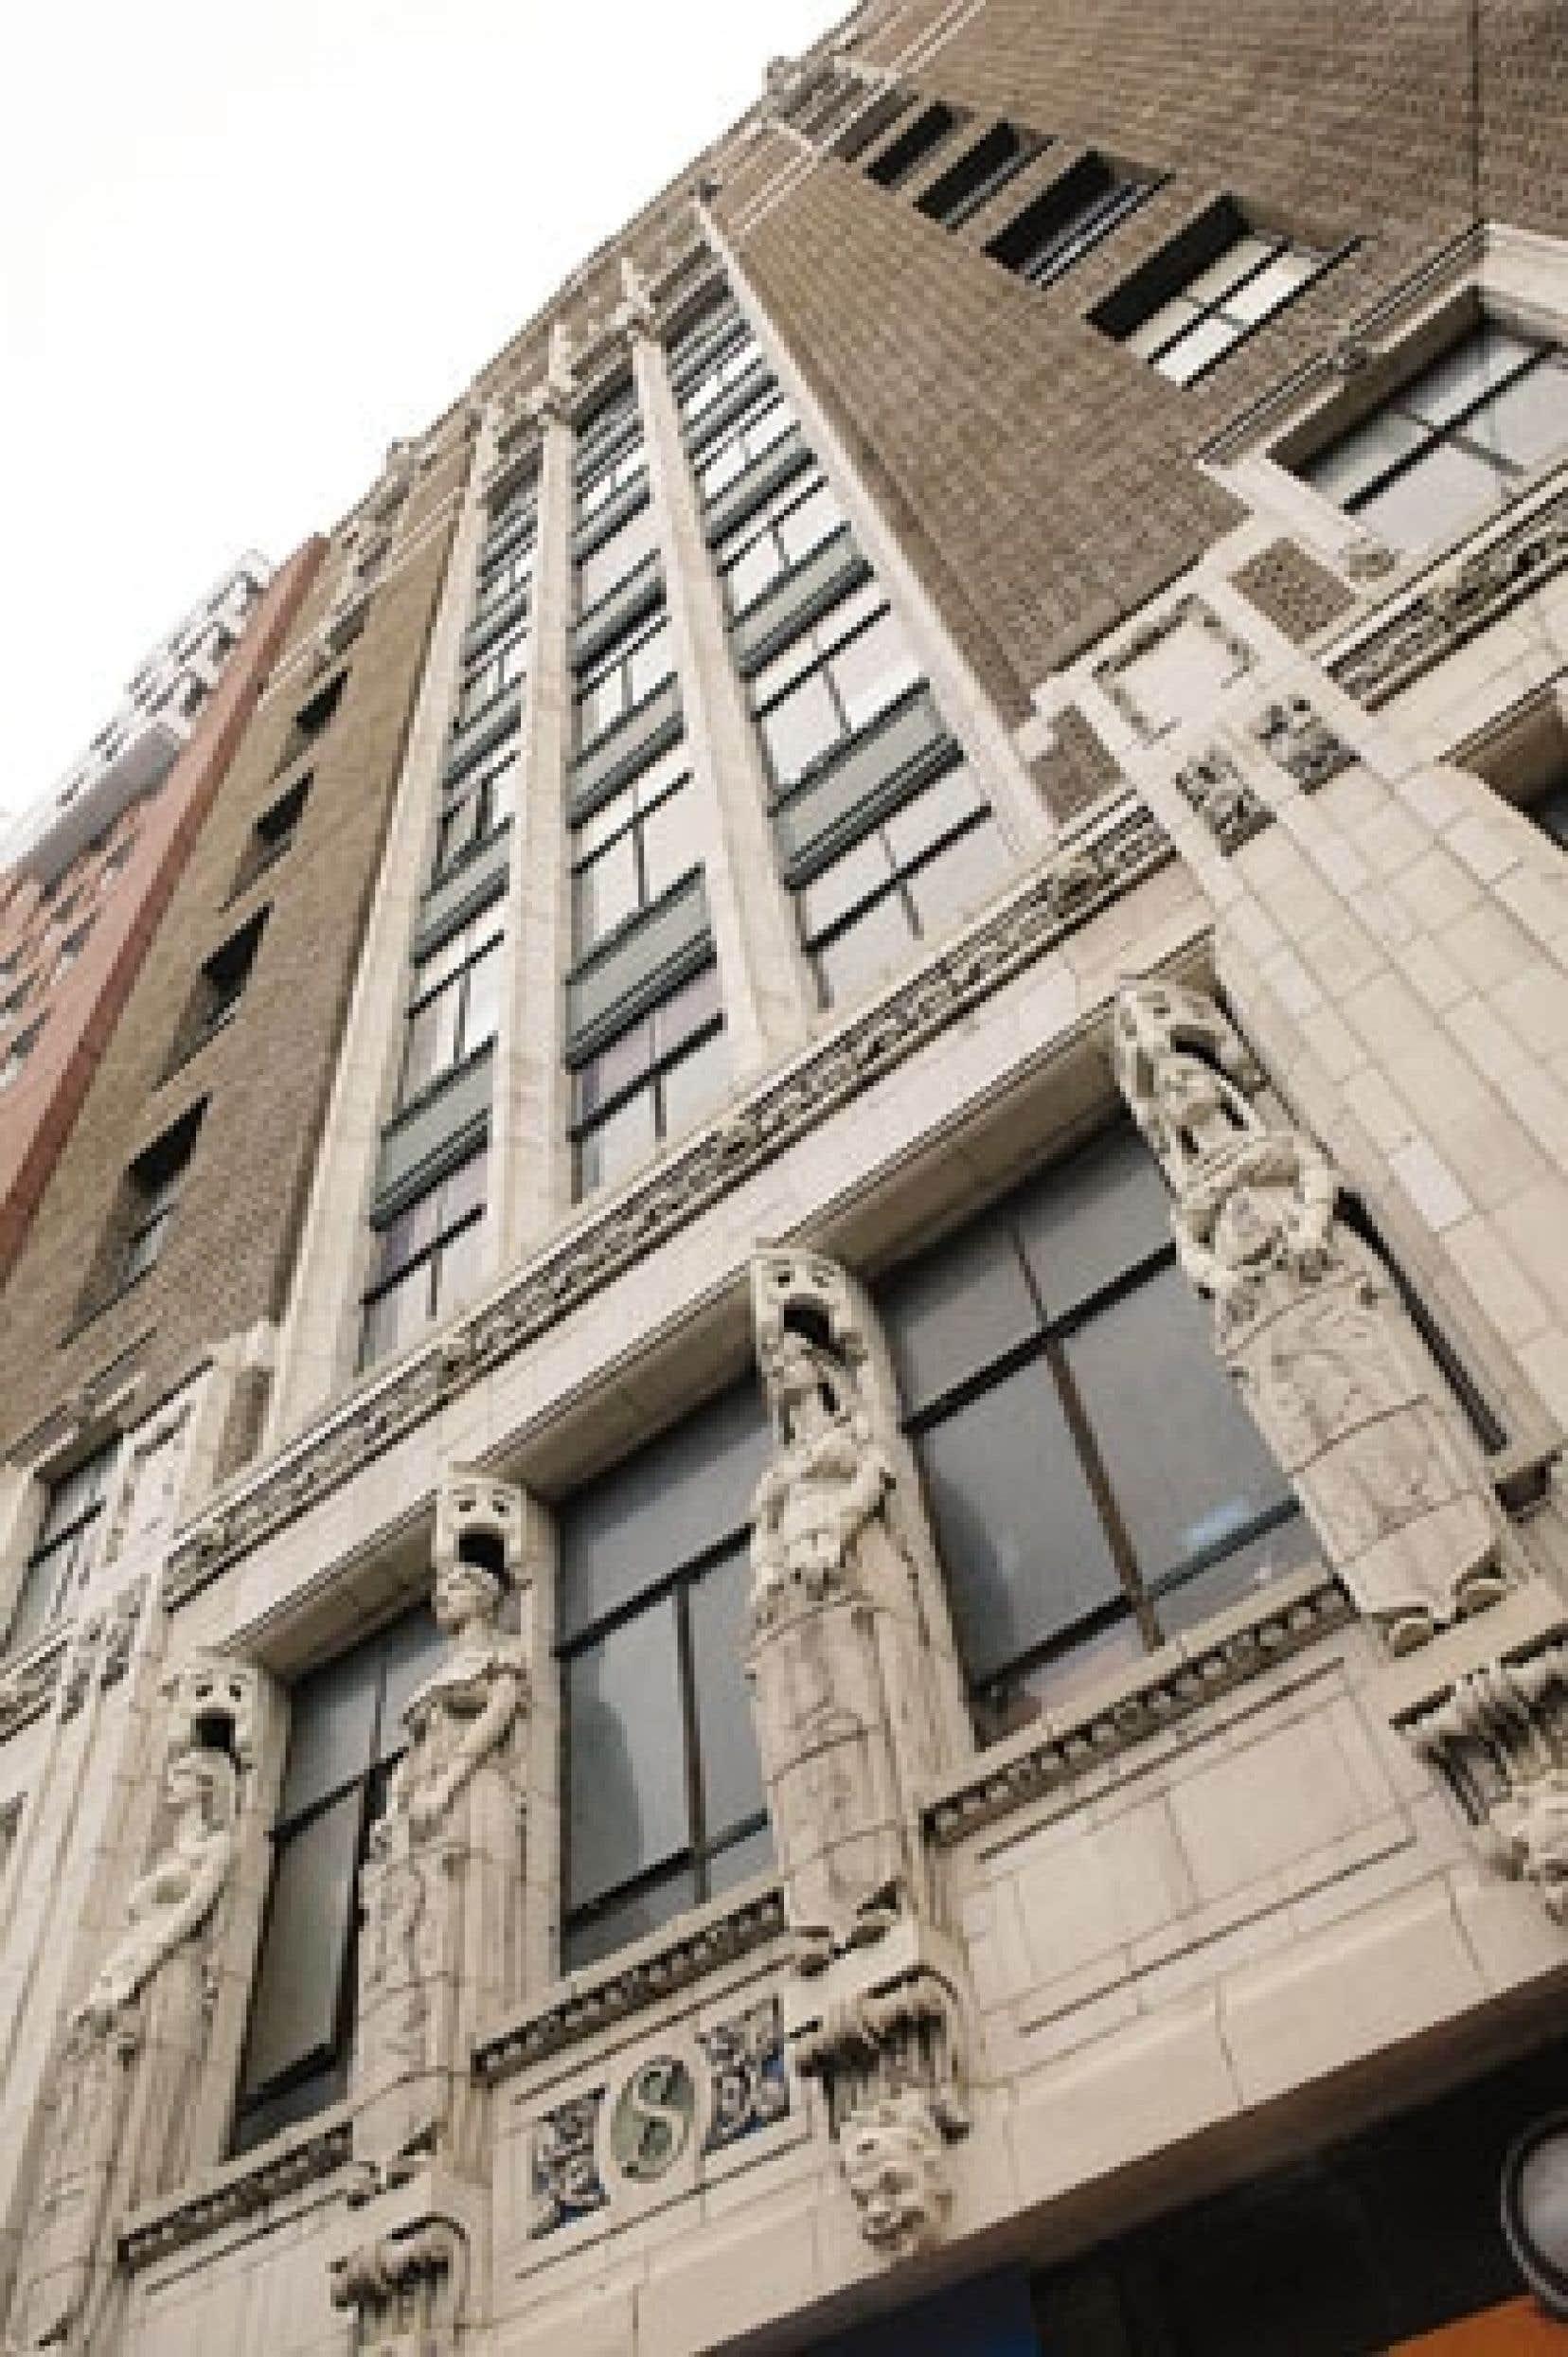 Le projet initial était de recycler le vieil édifice gothique du début du siècle dernier et d'y juxtaposer un nouvel immeuble rue de La Gauchetière. Le Mosaïque actuel ne se compose pour l'instant que de la nouvelle bâtisse.